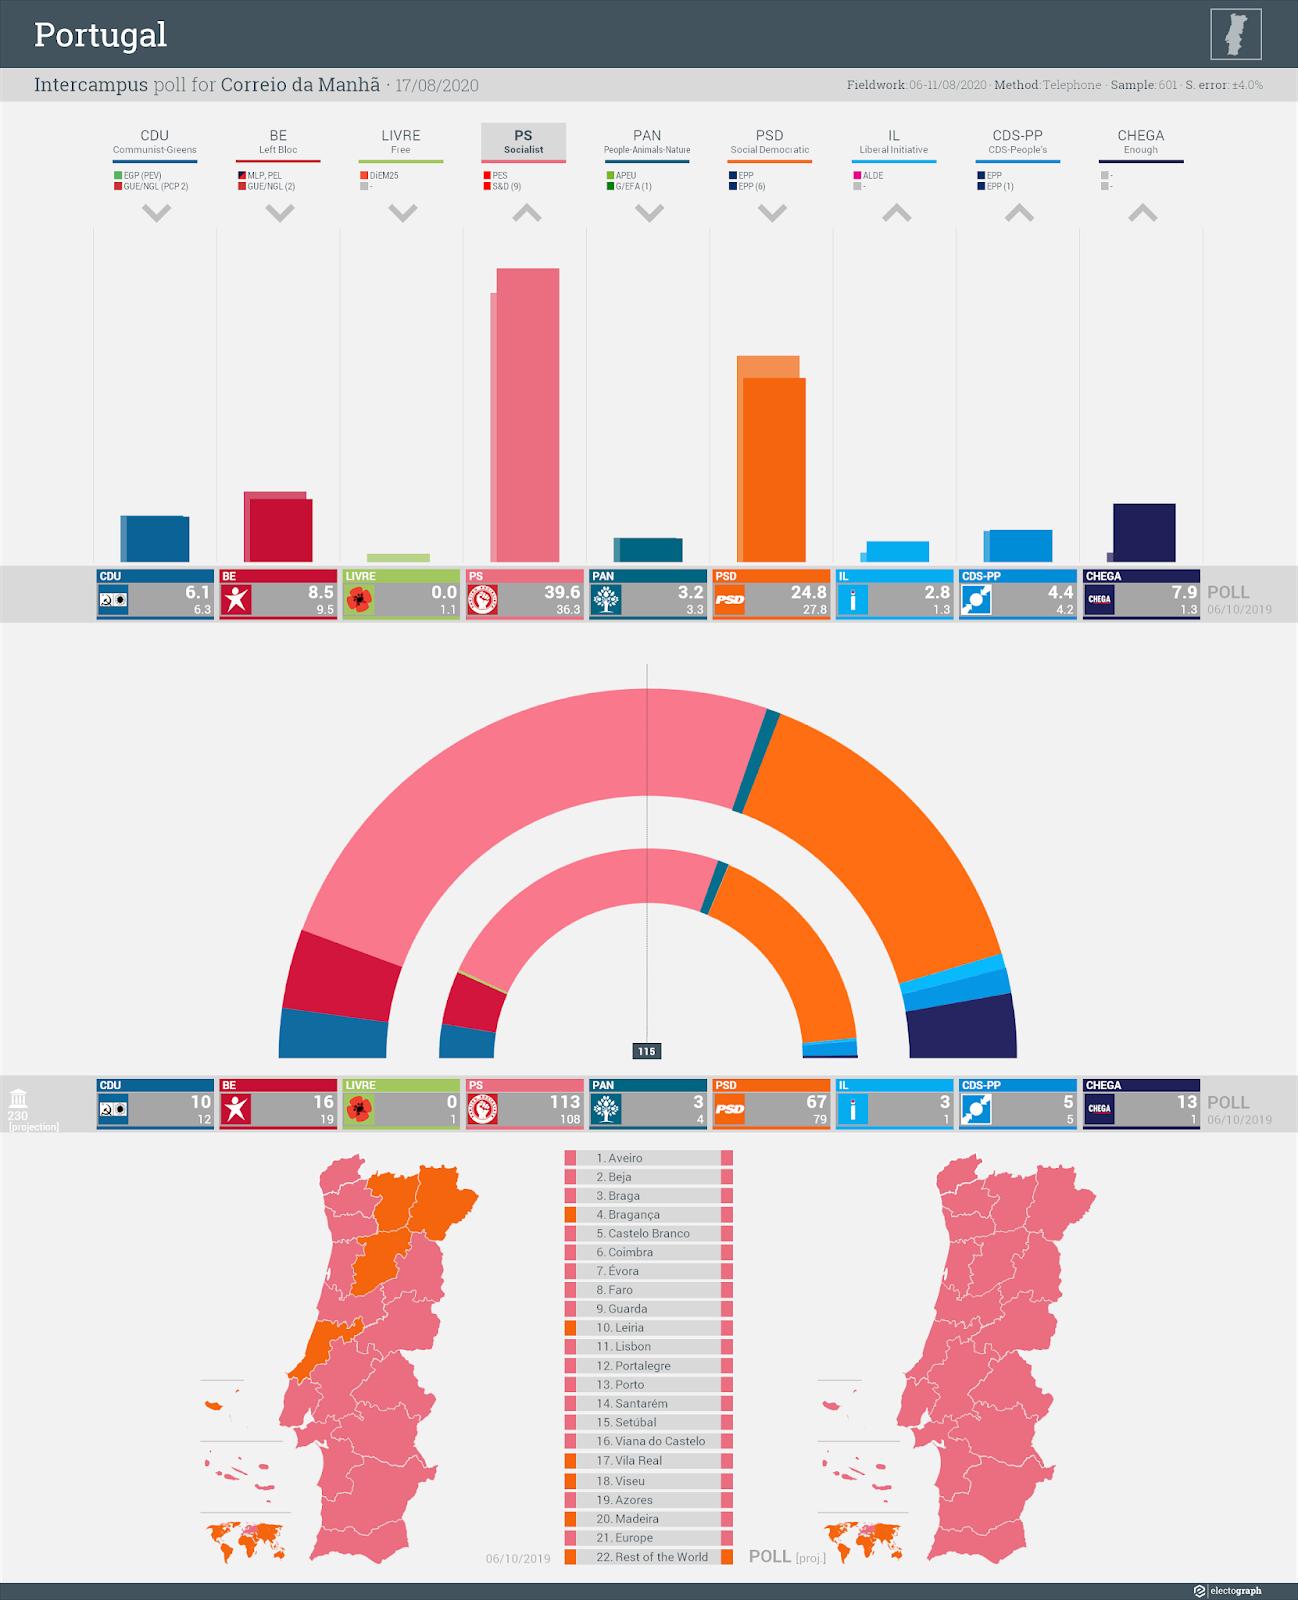 PORTUGAL: Intercampus poll chart for Correio da Manhã, 17 August 2020